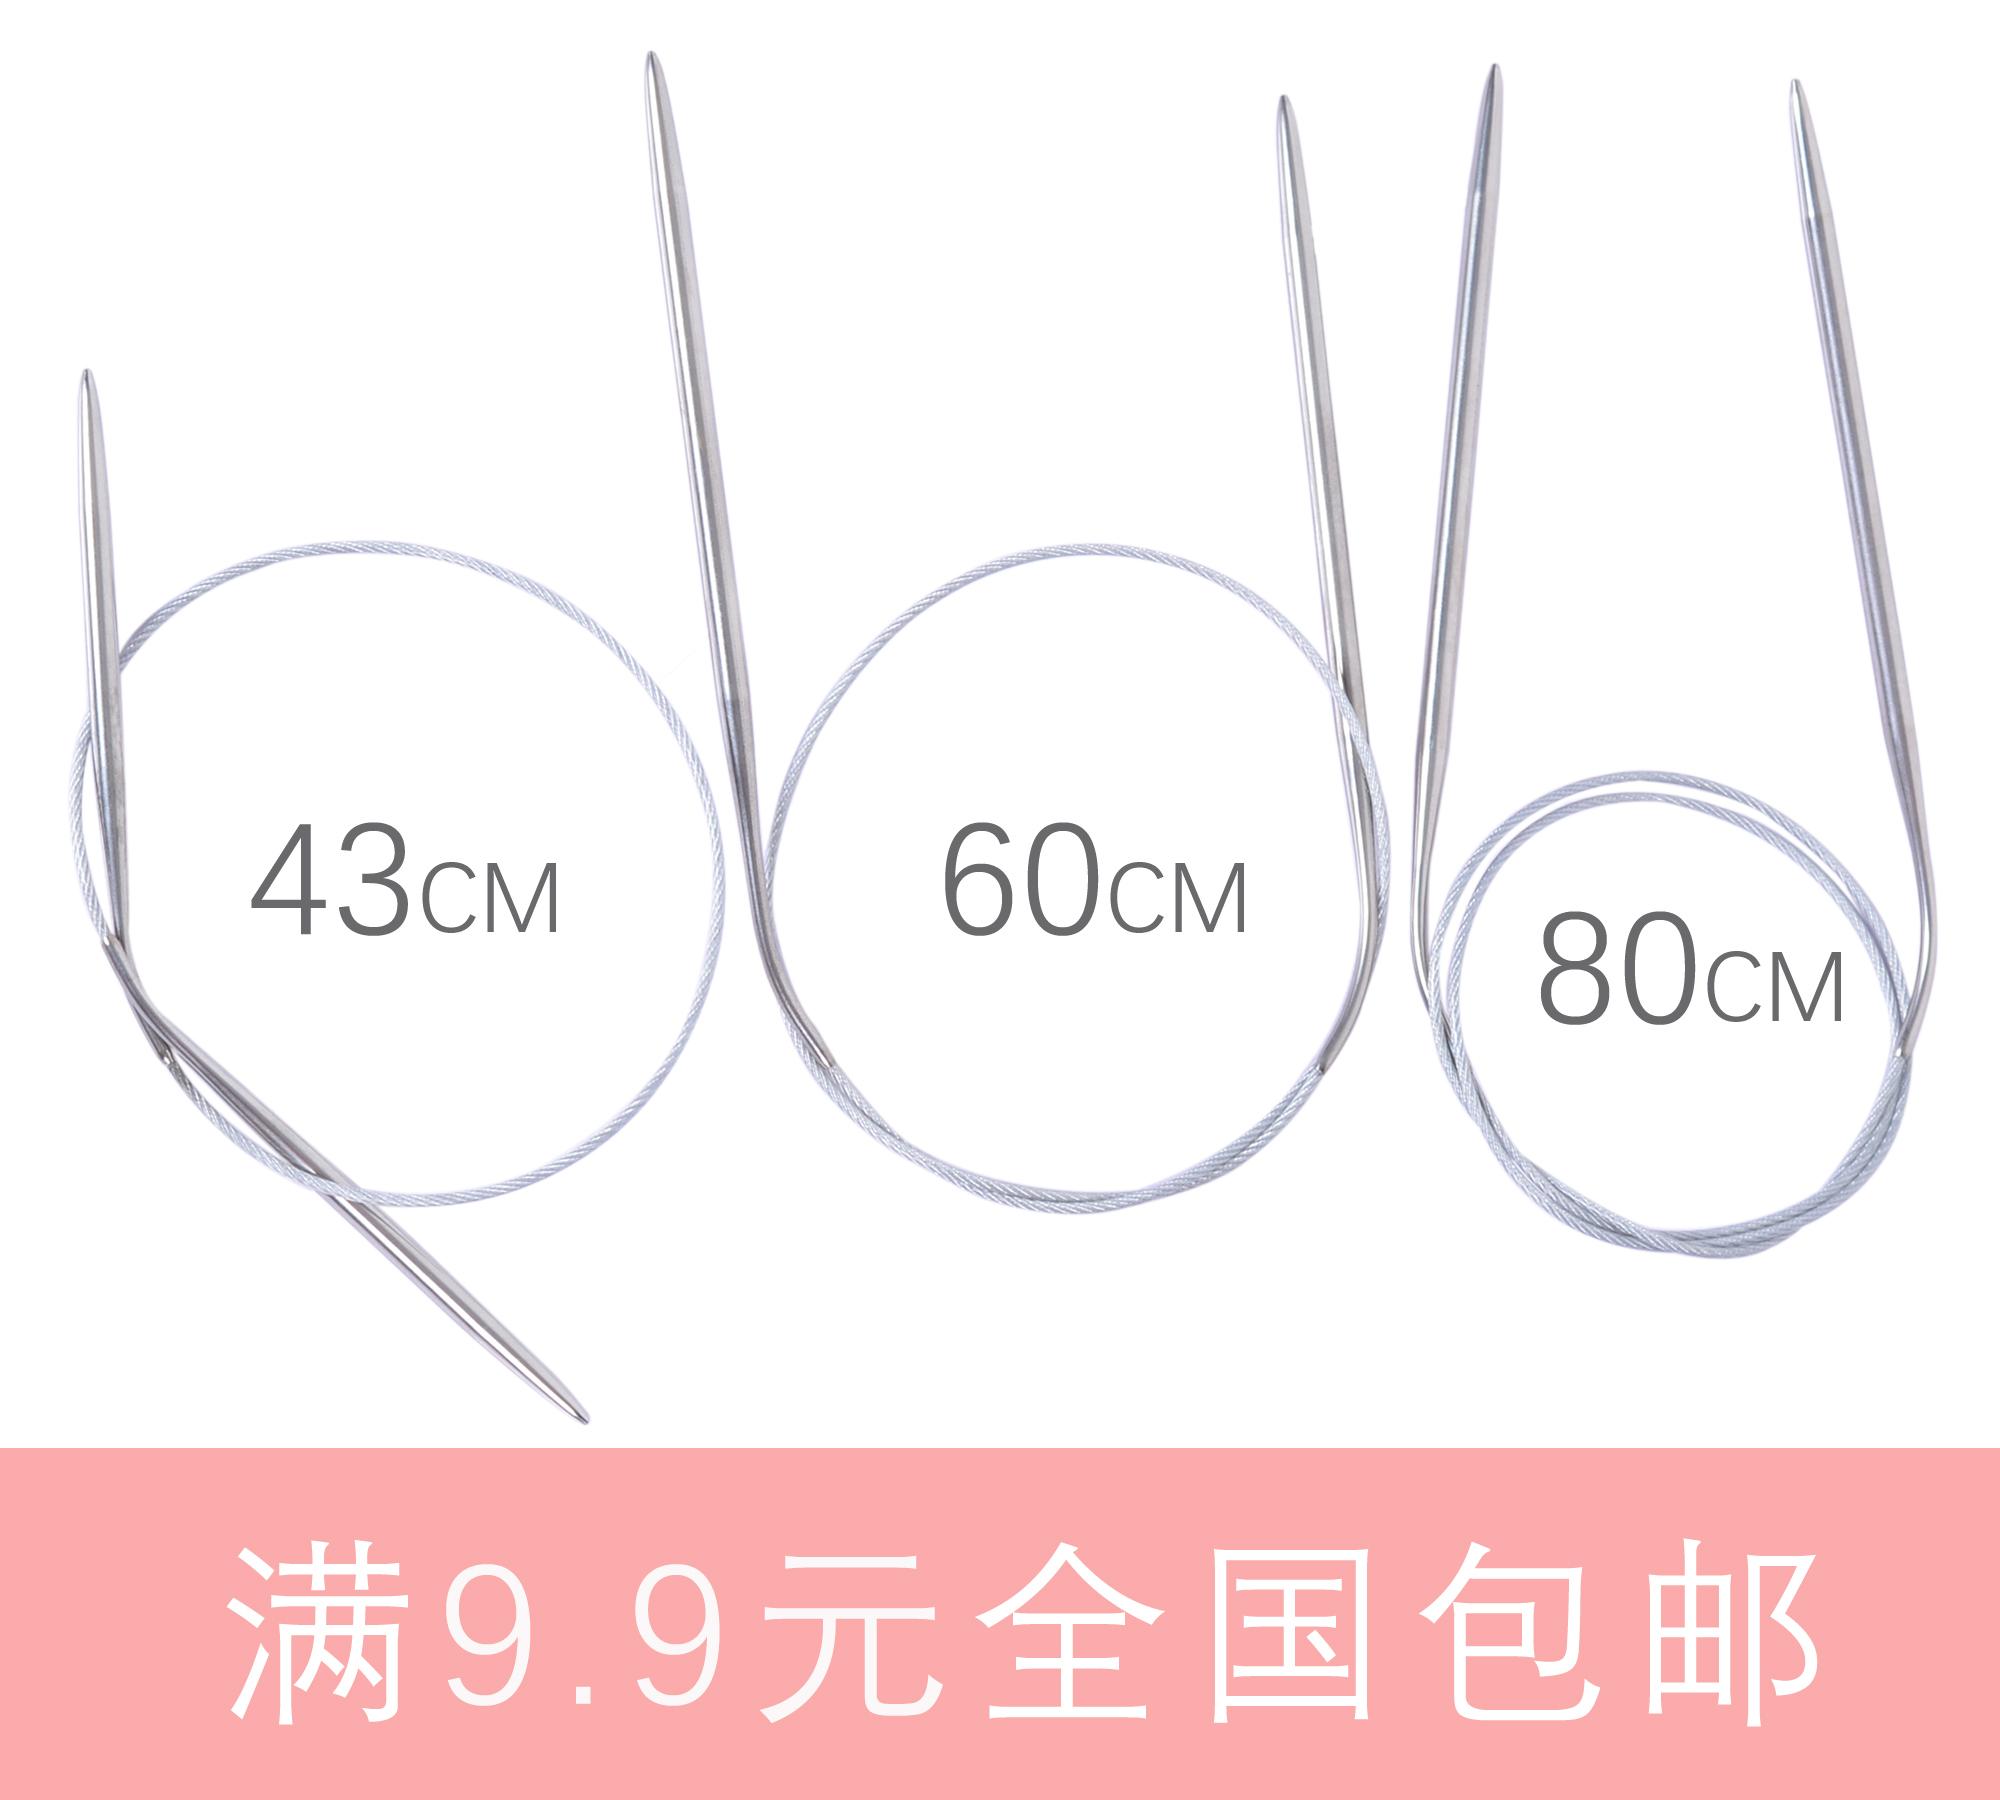 卡卡毛衣编织工具毛衣针毛线针不锈钢环形针 环针圈针 环形毛衣针